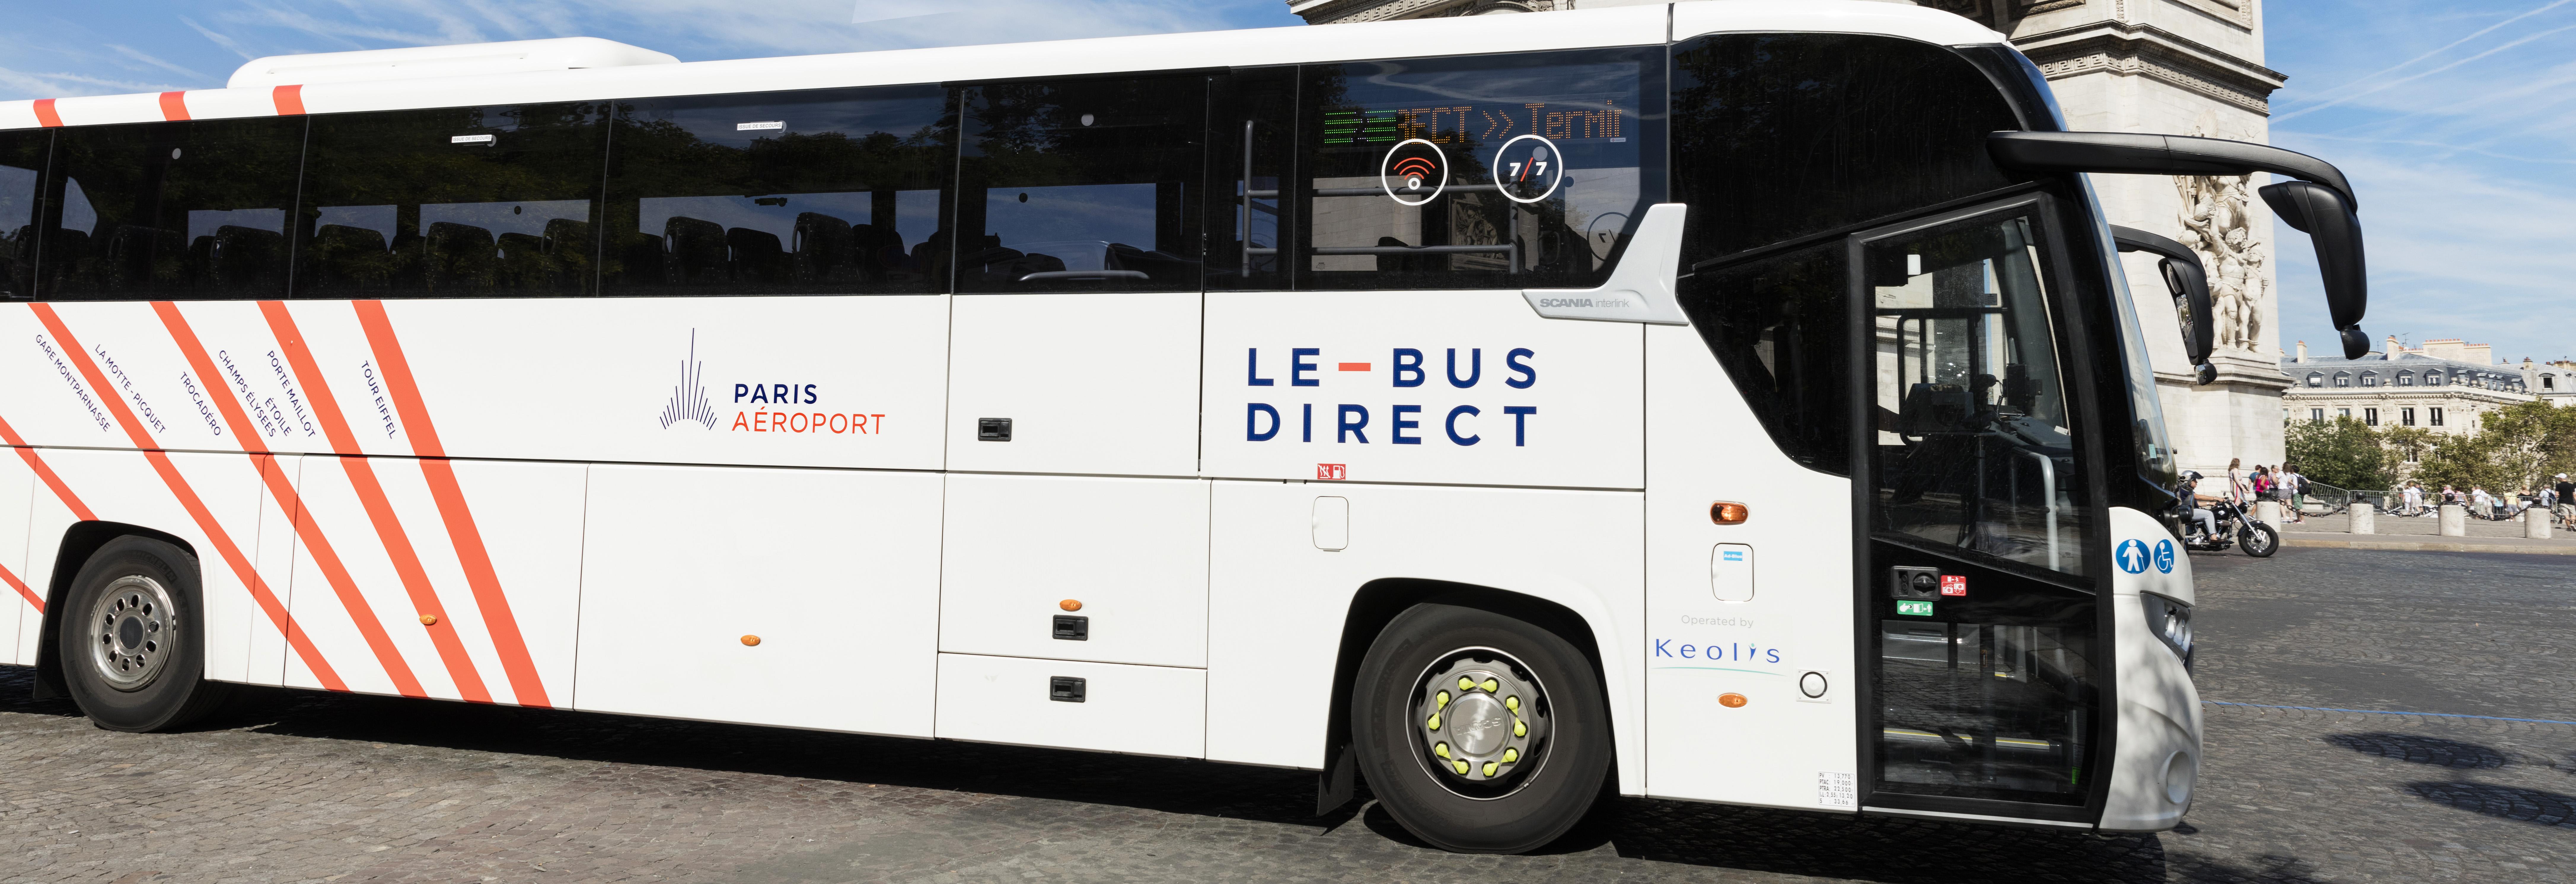 Le Bus Direct Reliez Paris A Paris Cdg Ou Orly Paris Aeroport